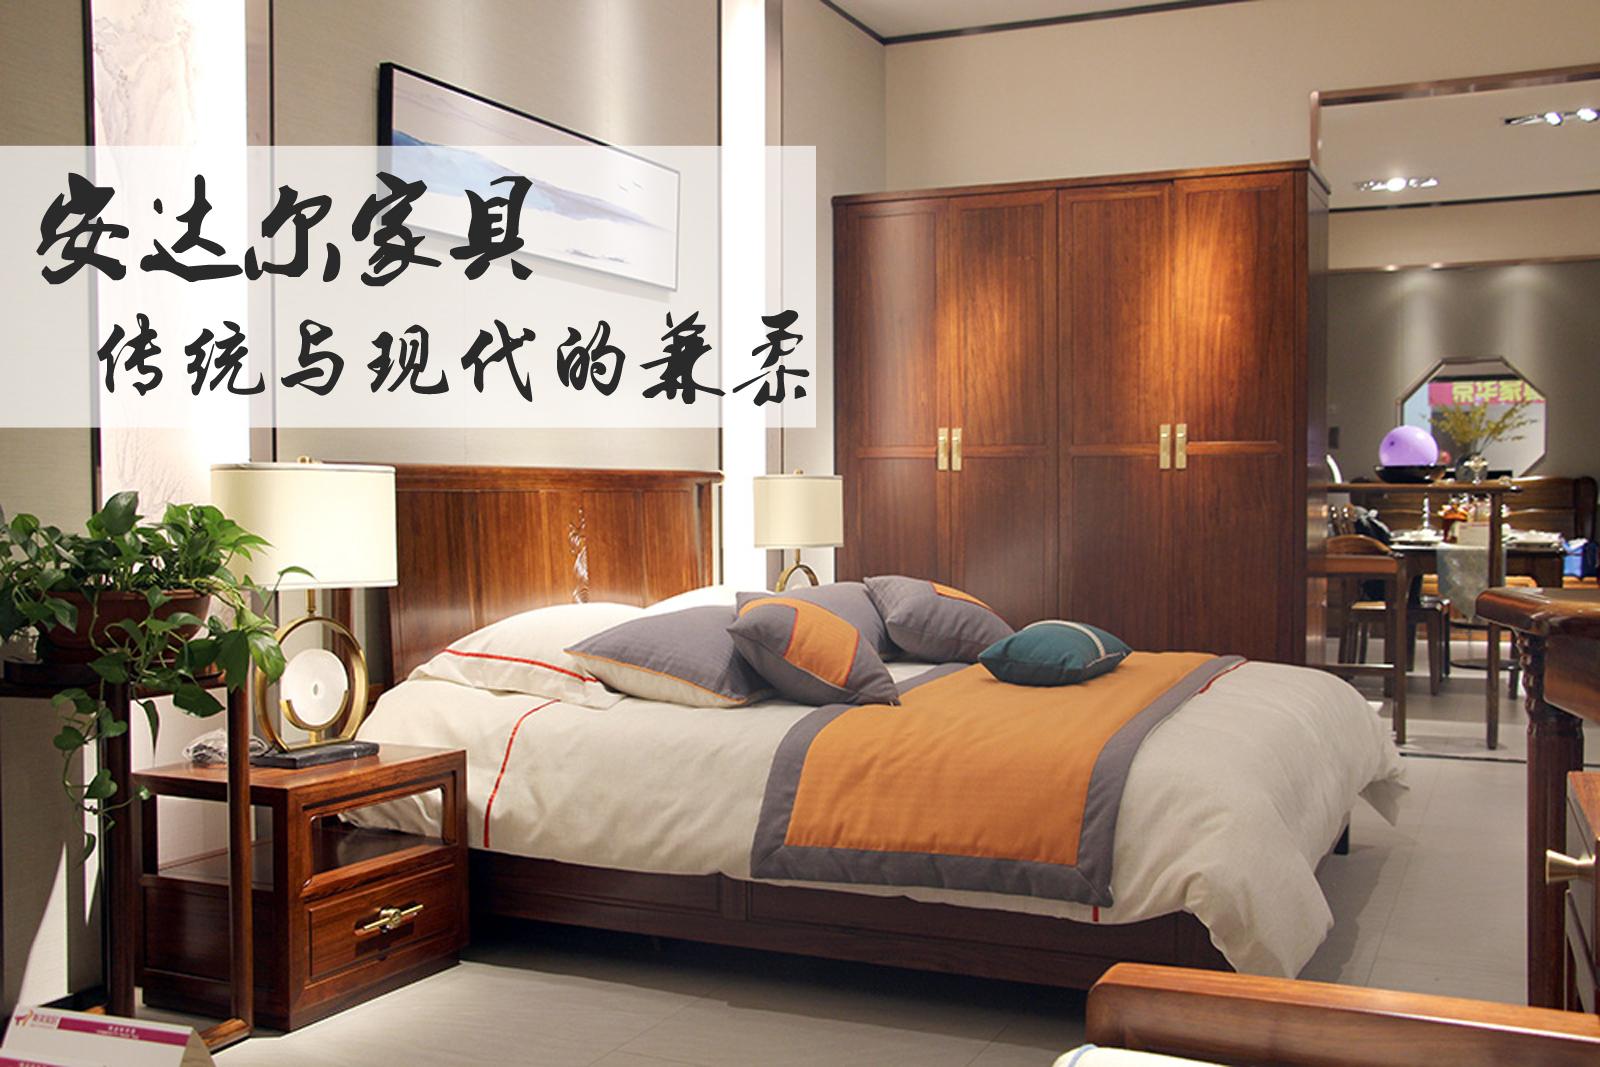 安达尔新中式家具 传统与现代的兼柔